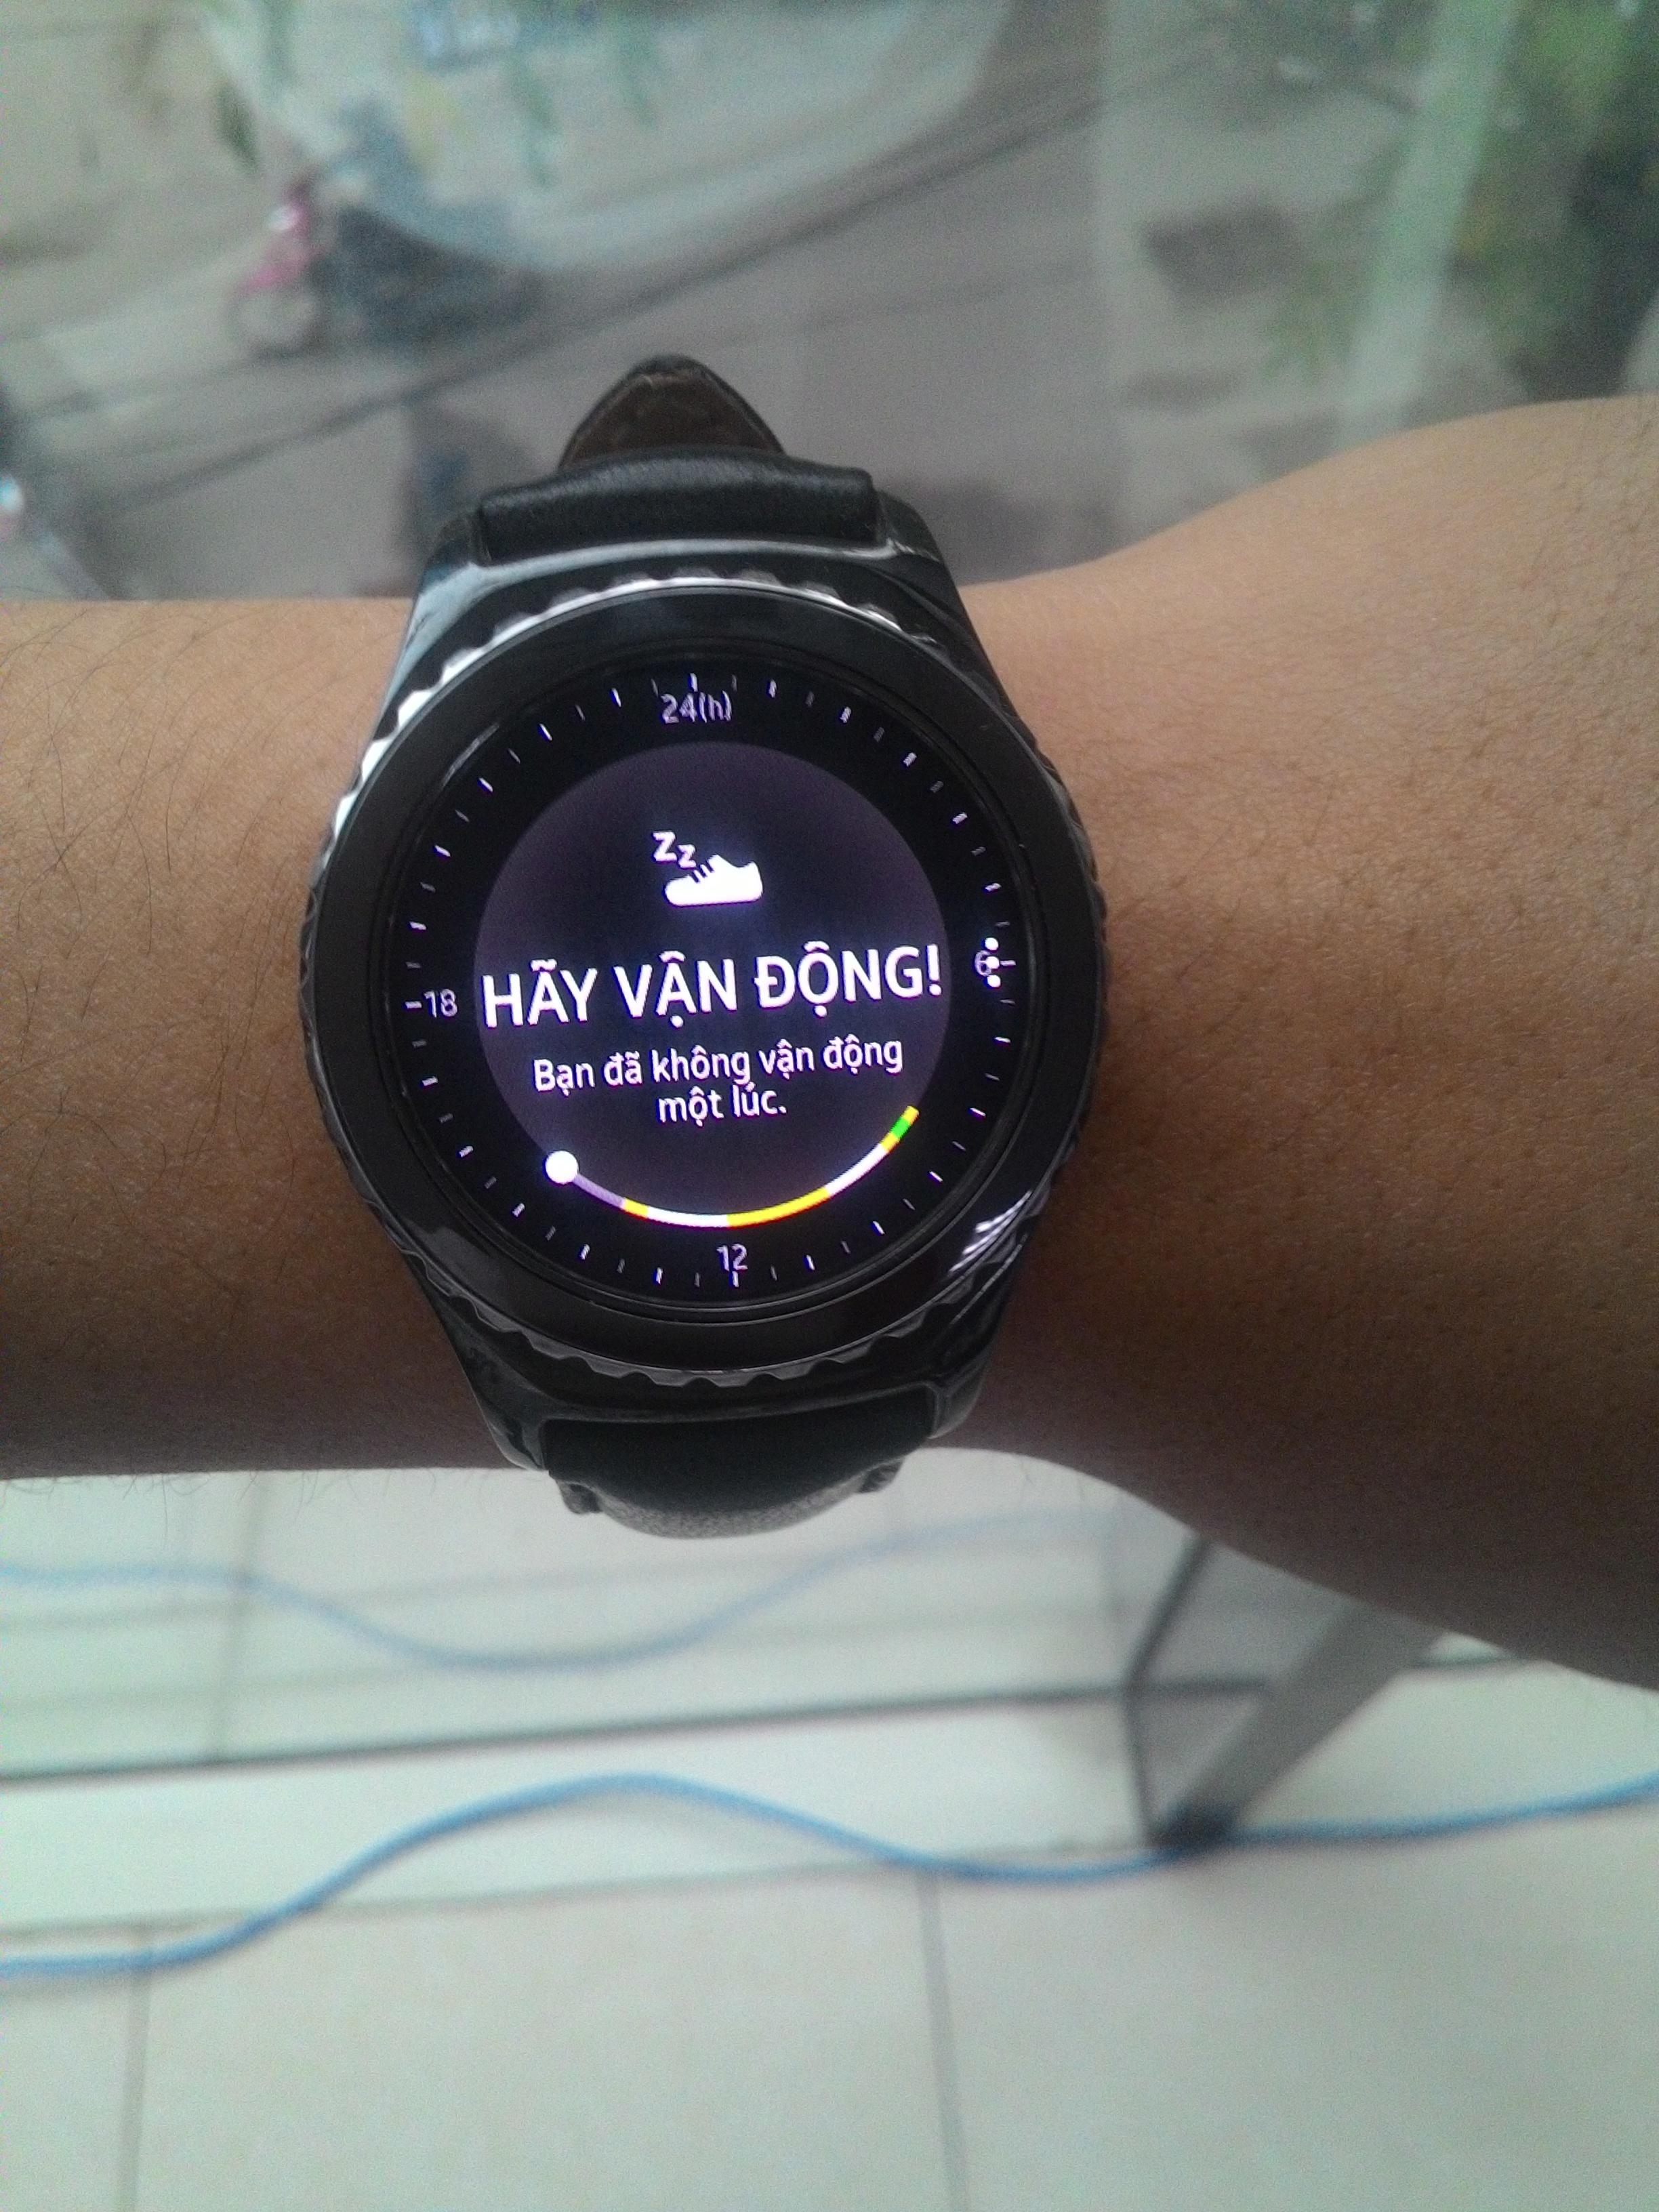 Thực tế chức năng nhắc vận động của đồng hồ